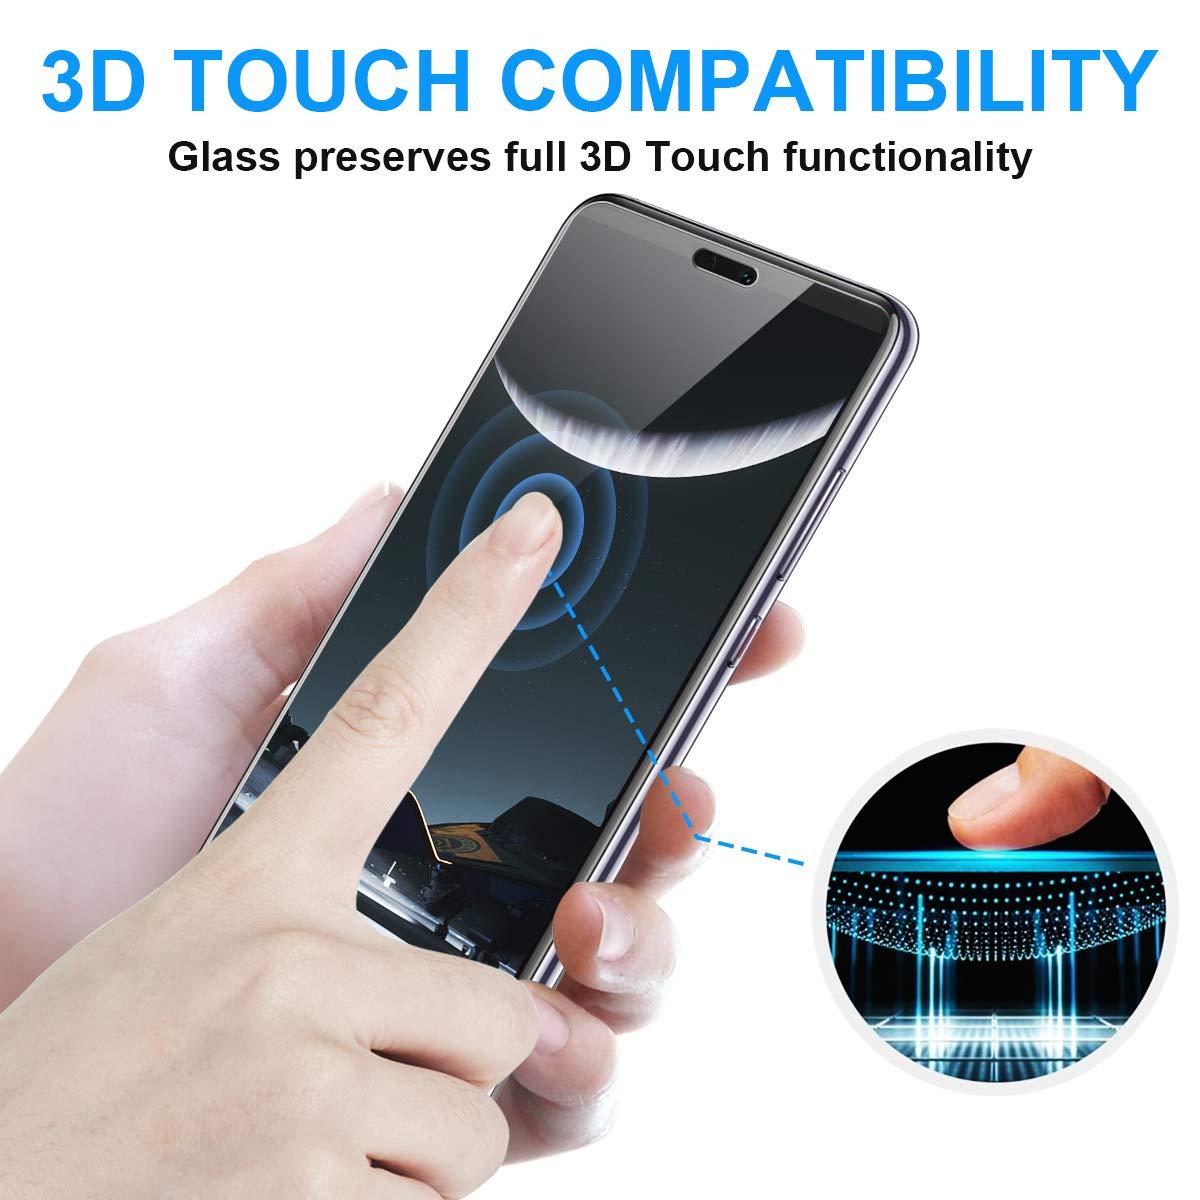 NONZERS [2-Pack] Verre Trempé pour Huawei P20, 2.5D Bords Arrondis Film Protecteur d\'Écran en Verre Trempé Transparent, Dureté de 9H et 3D Touch Compatible, Ultra-Mince et Ultra-Résistant sans Bulles